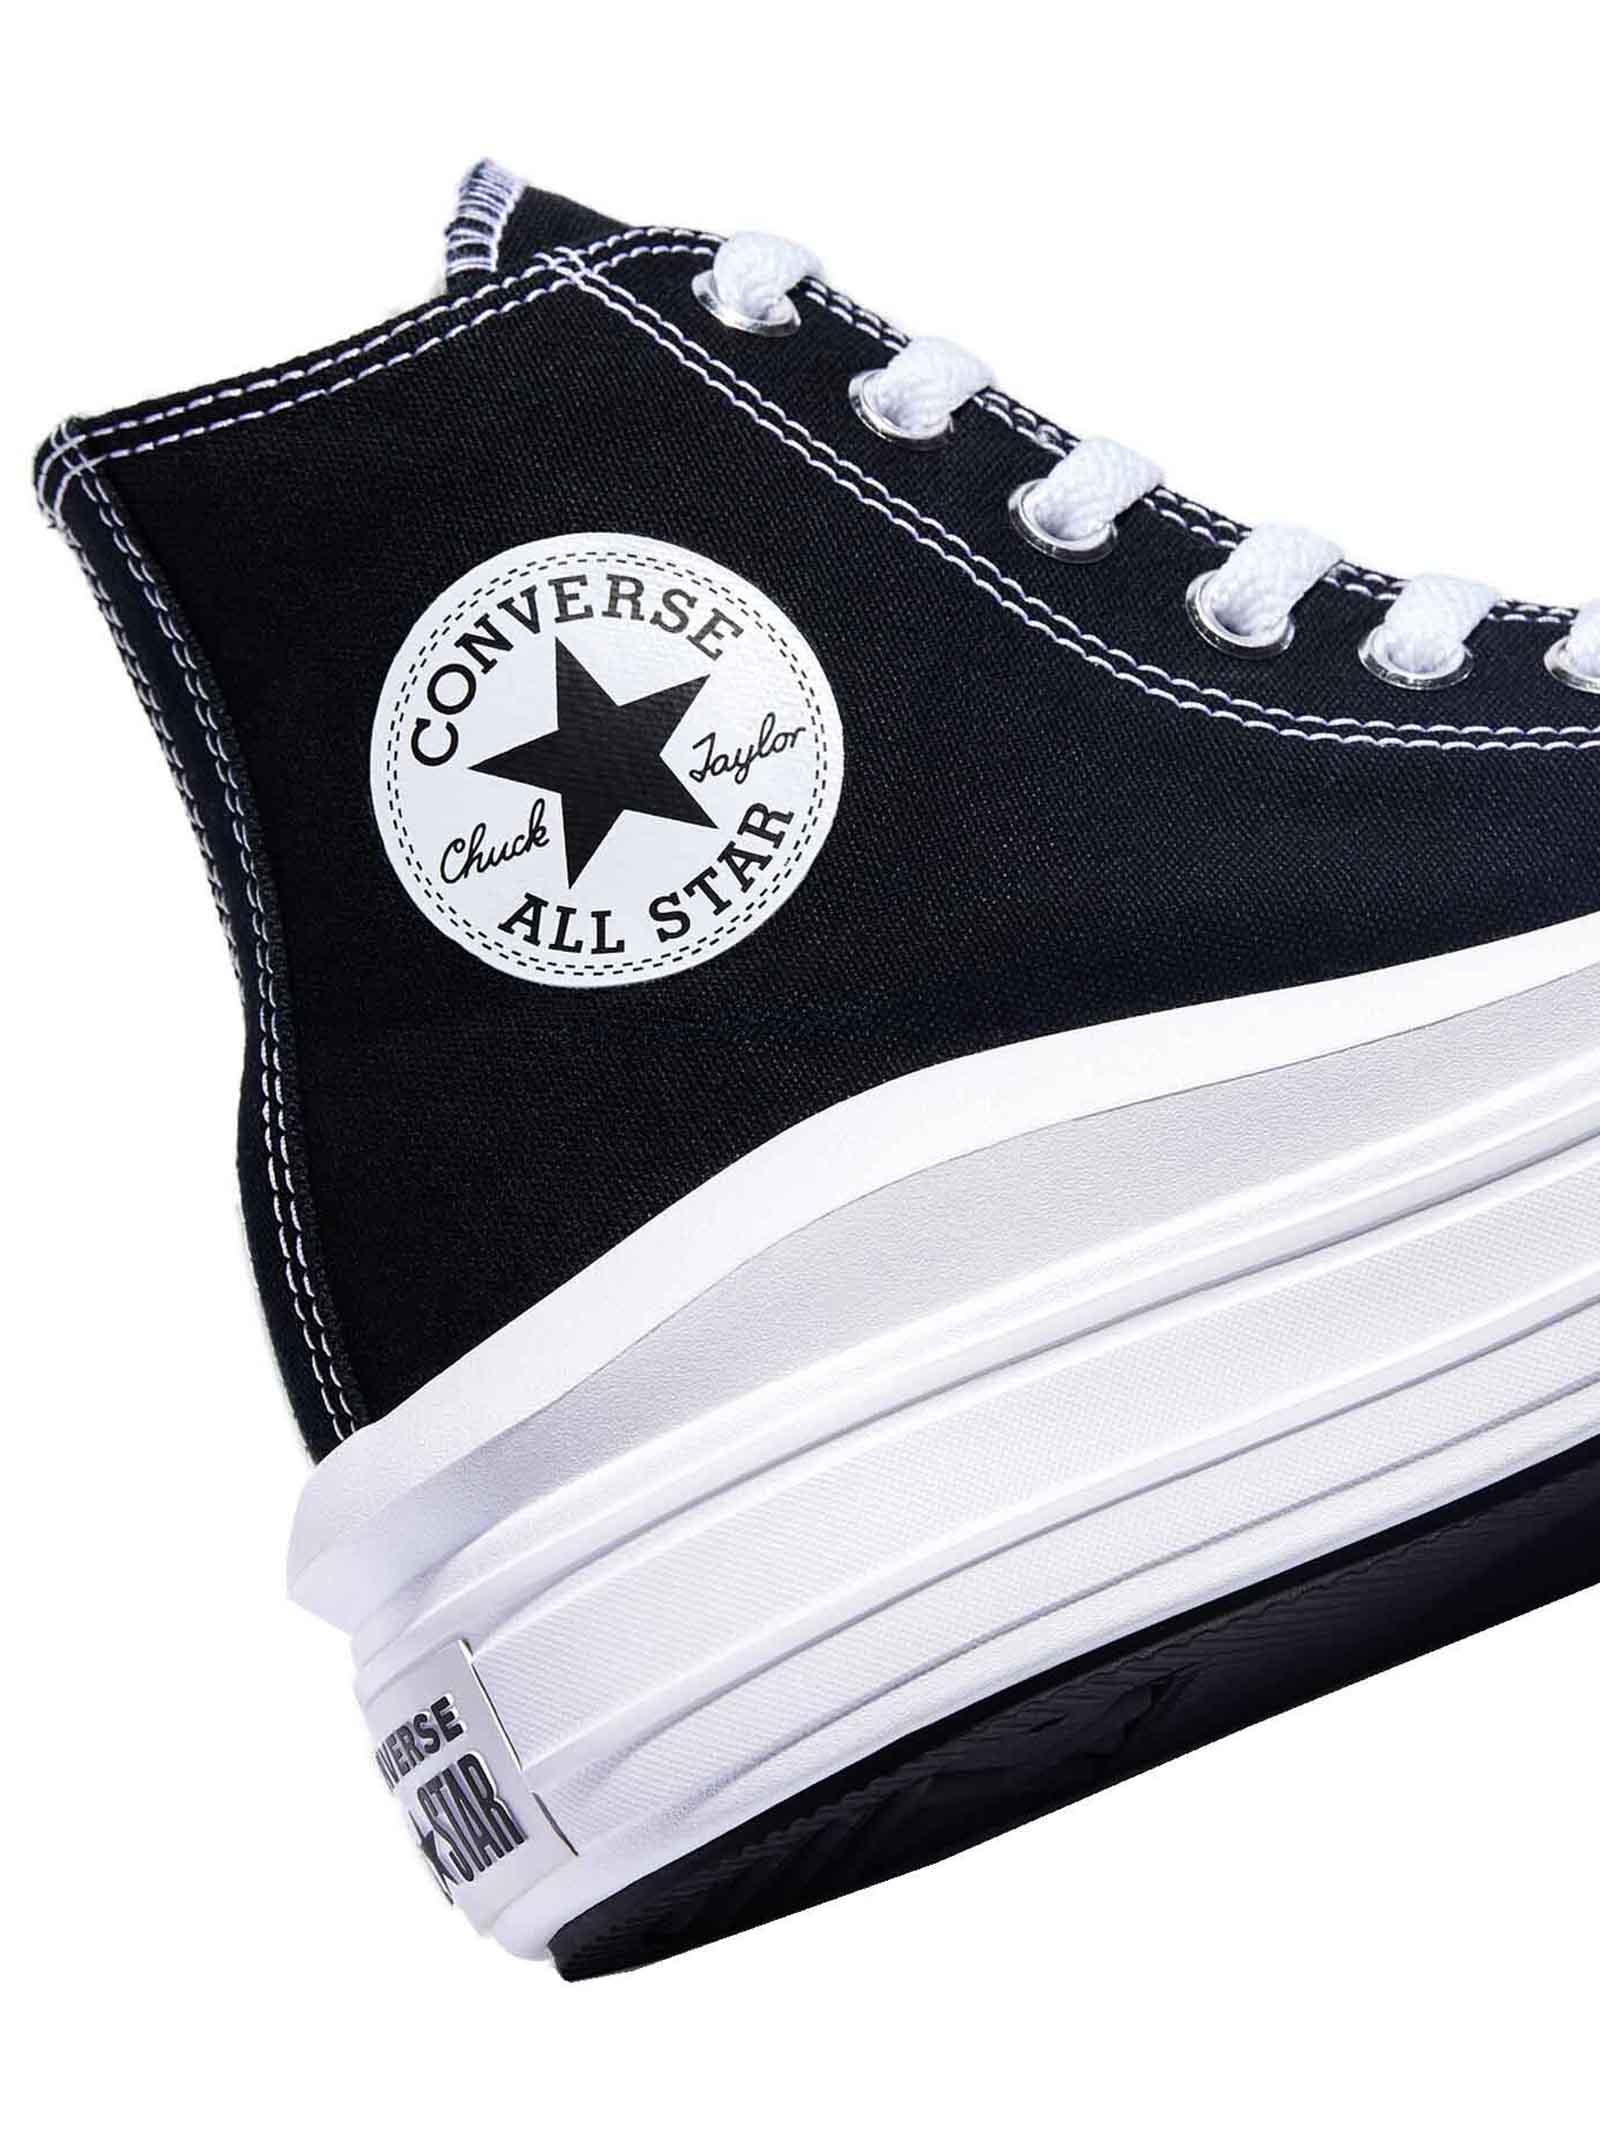 Calzature Donna Sneakers Stivaletto Chuck Taylor Hight Top in Canvas Nero e Fondo Zeppa Ultra Legero Converse | Sneakers | CHUCK TAYLOR568497C